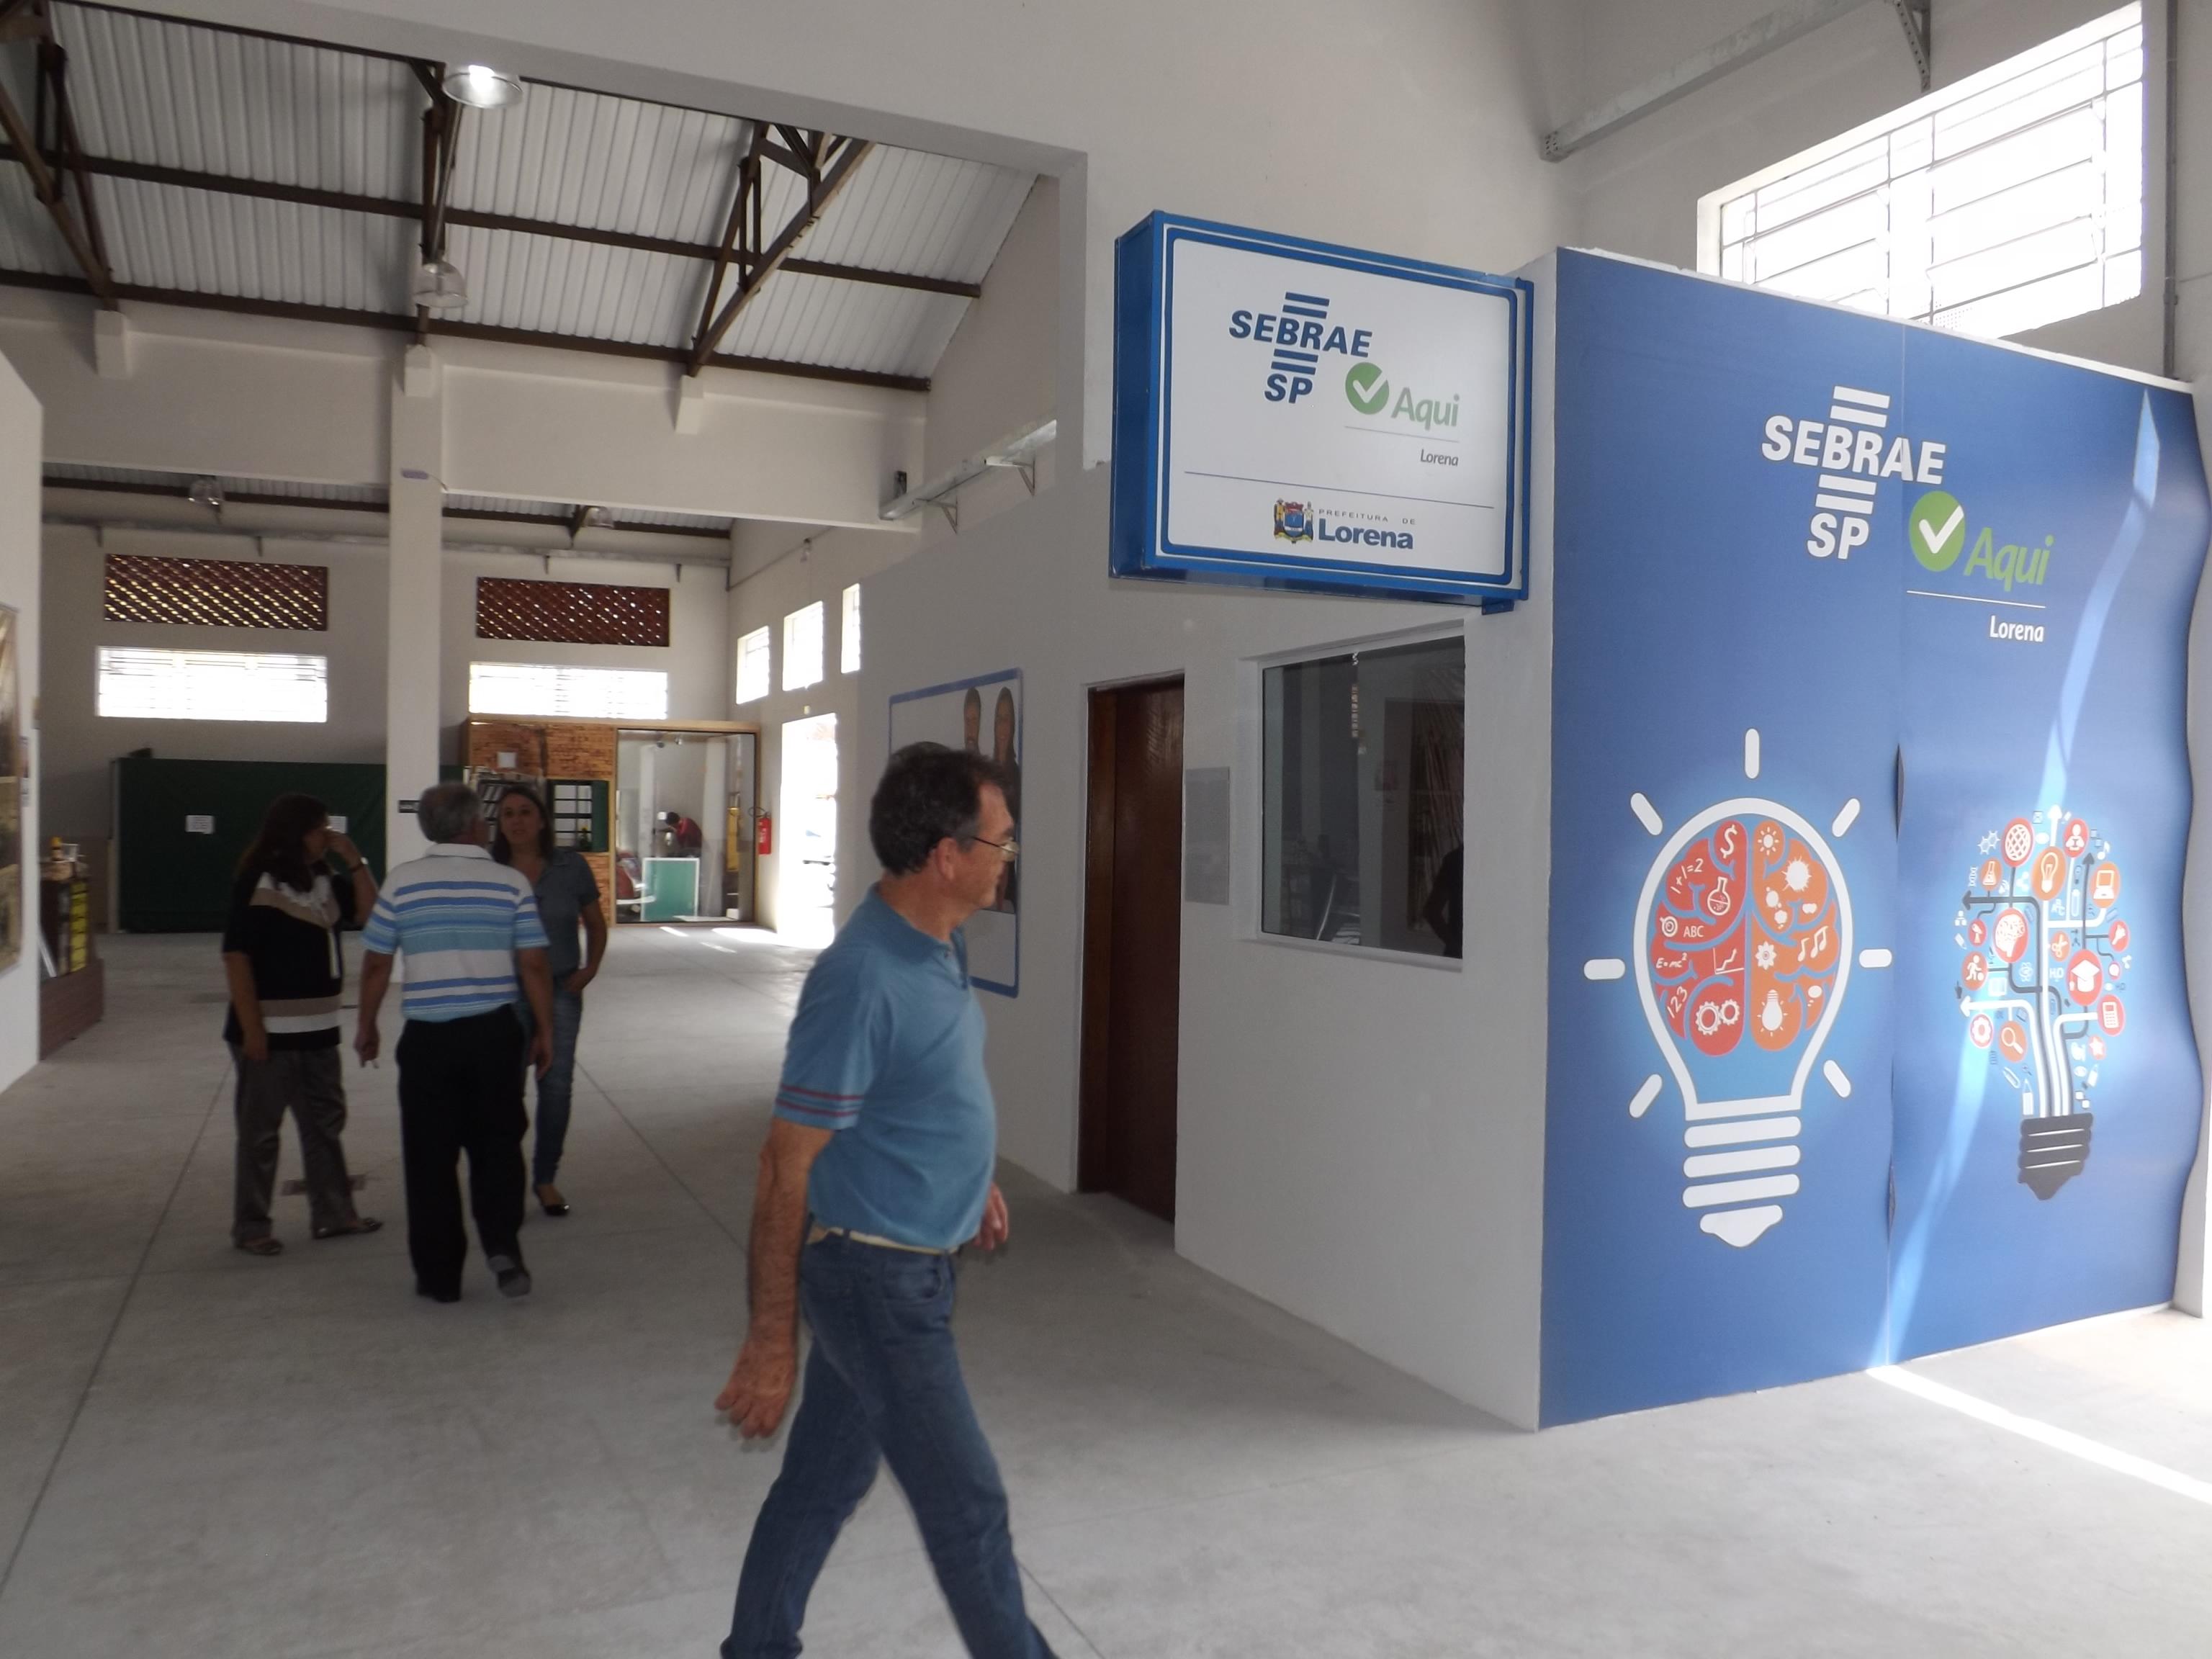 Unidade de atendimento do Sebrae no Mercado Municipal de Lorena; cidade inicia projeto de incentivo a startups (Foto: Arquivo Atos)